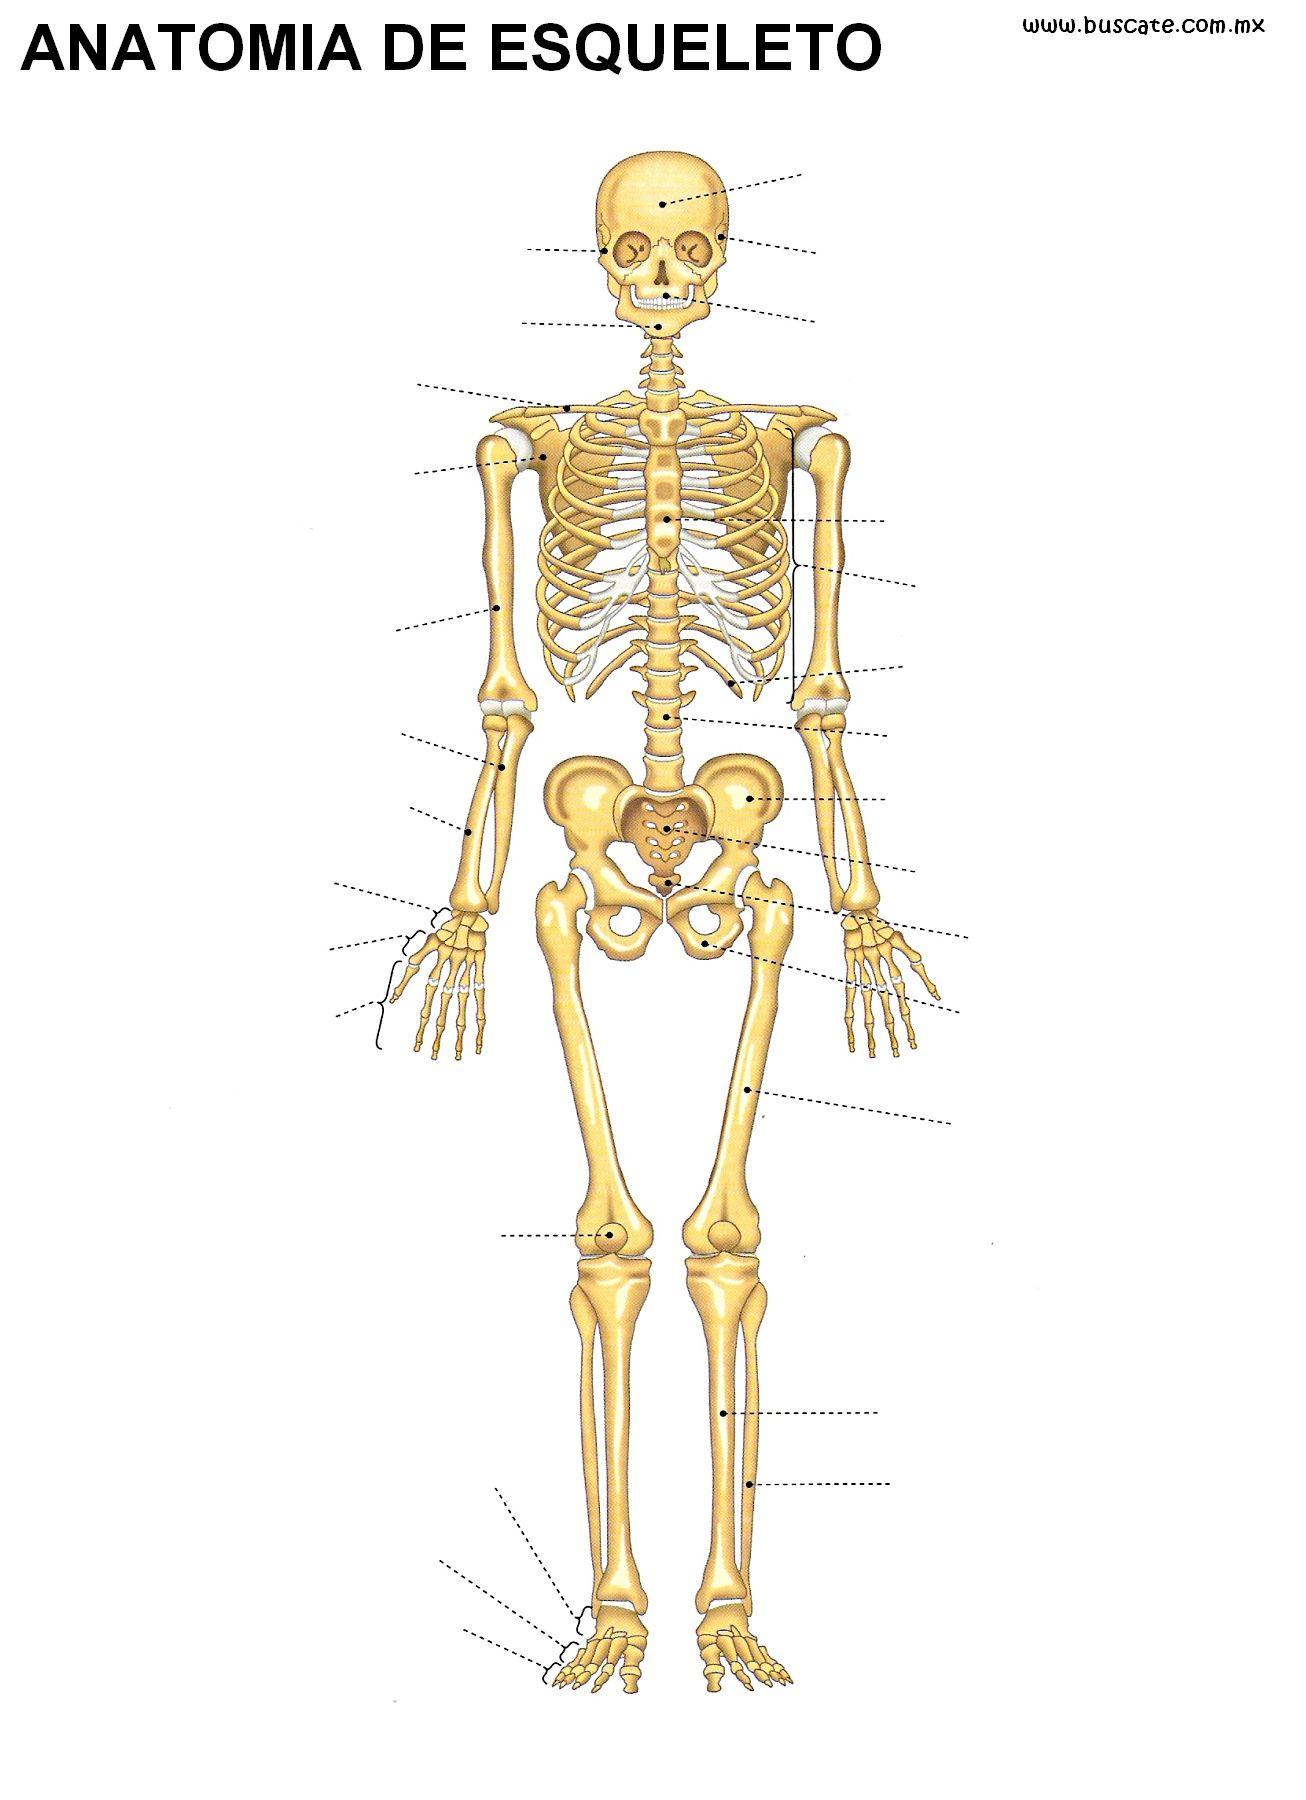 Anatomia Del Esqueleto Humano Sin Nombres A Color Para Escribir Los Nombres Esqueleto Humano Anatomia Del Esqueleto Humano Anatomia Del Esqueleto